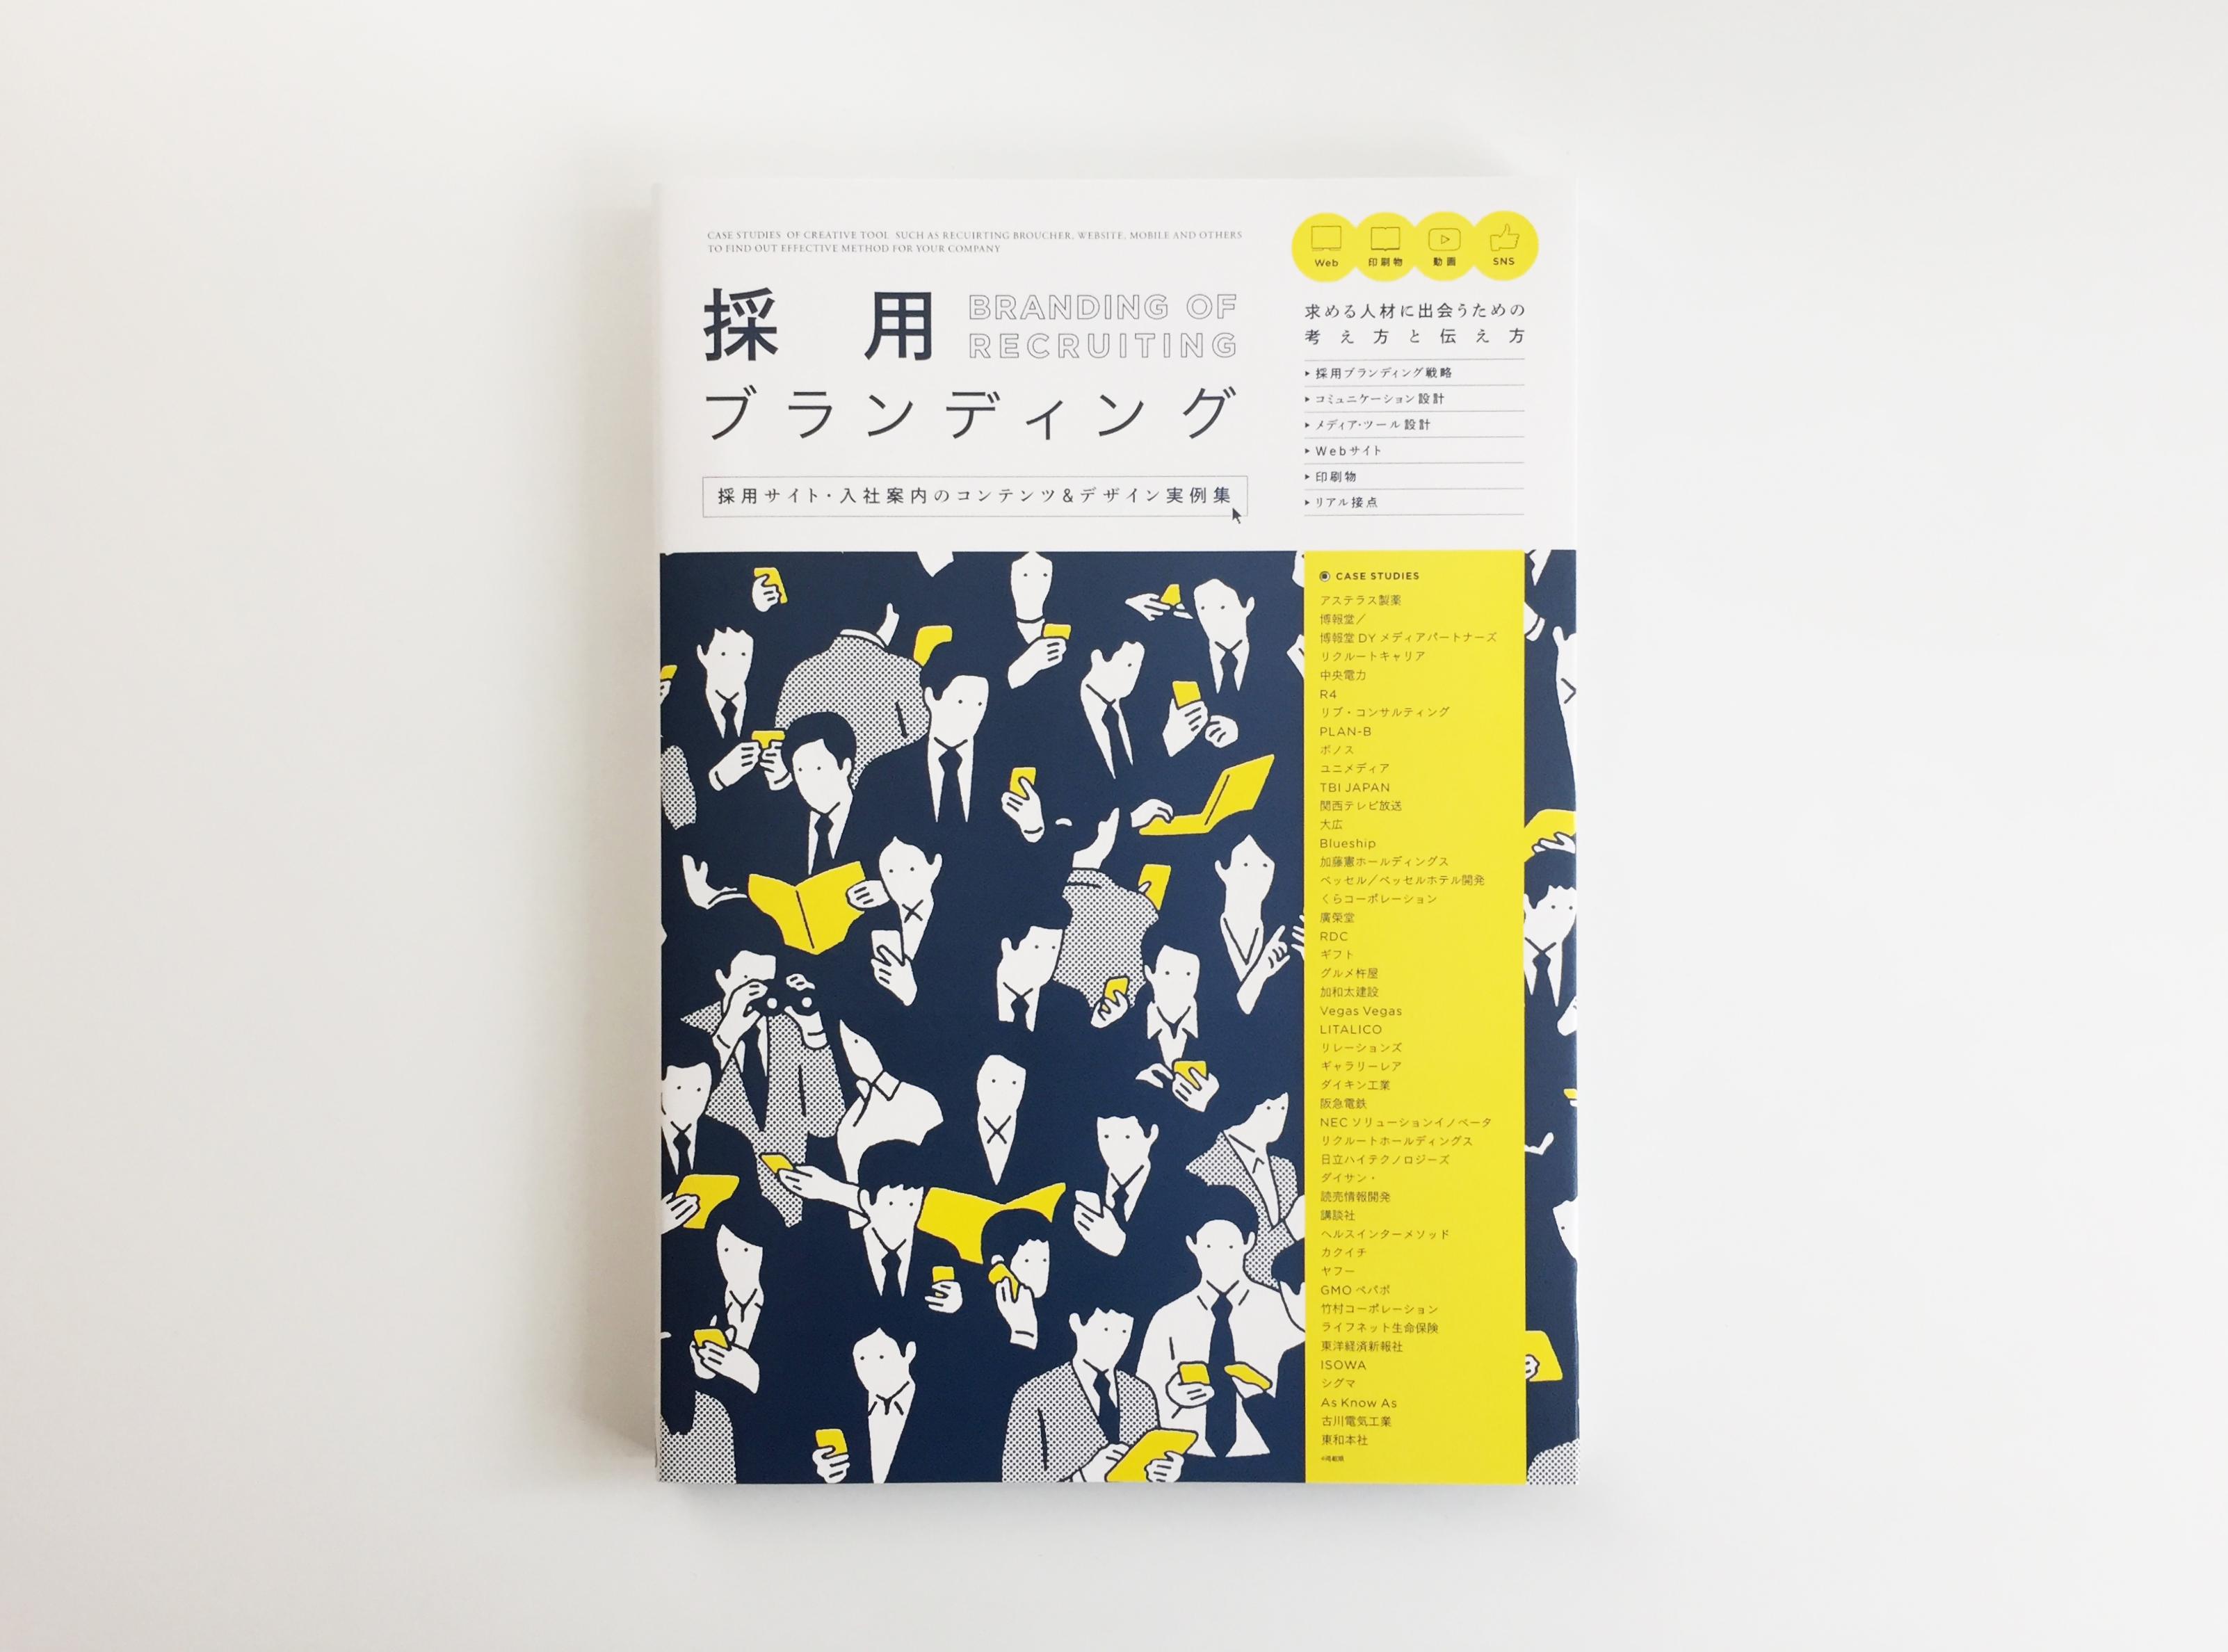 『採用ブランディング 採用サイト・入社案内のコンテンツ&デザイン実例集』